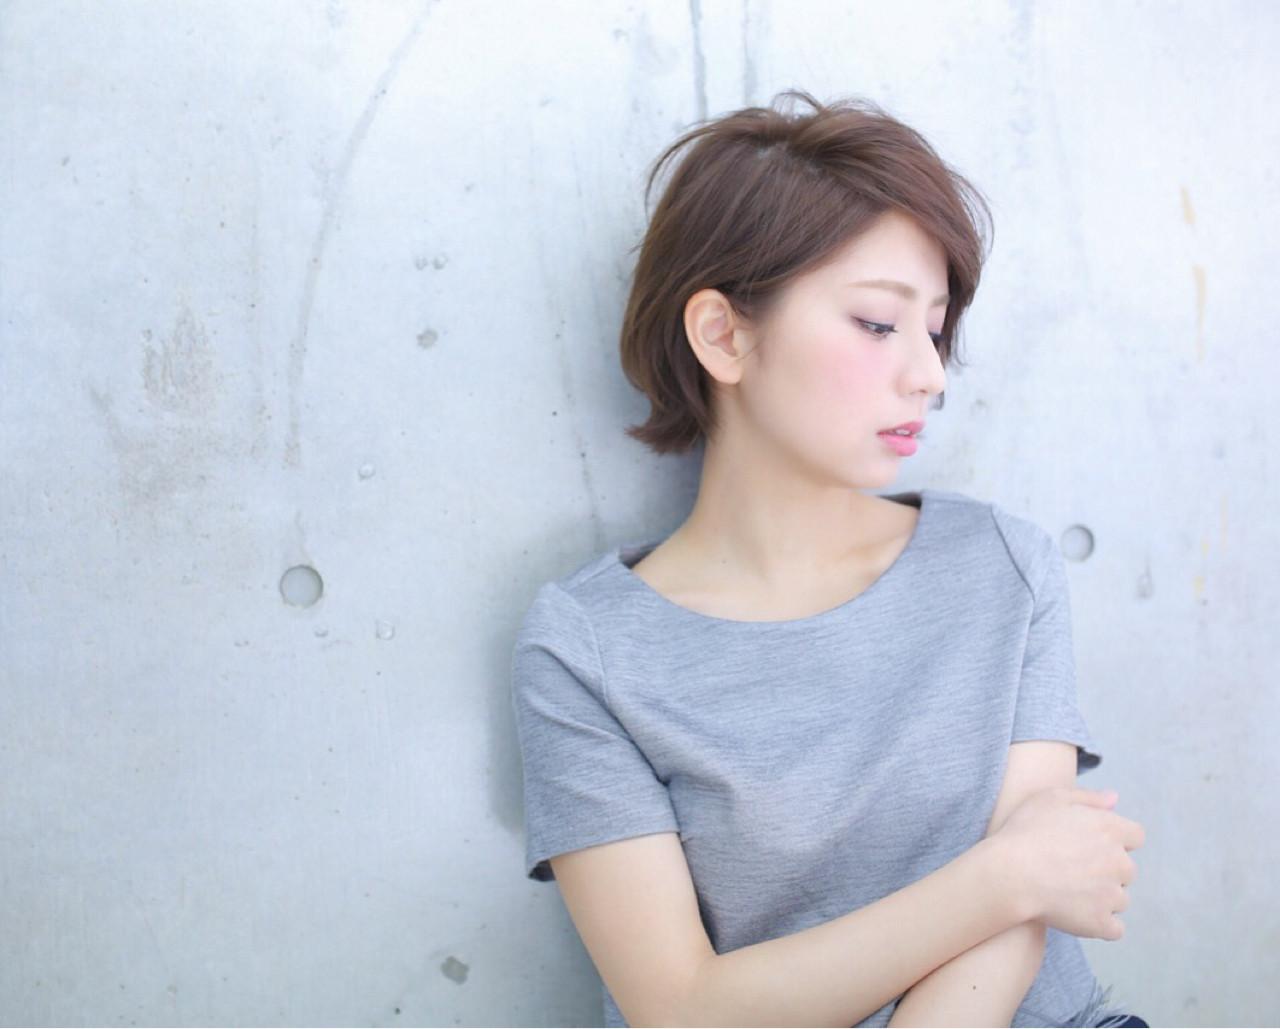 フェミニン ショートバング ボブ 透明感 ヘアスタイルや髪型の写真・画像 | 高瀬 功二 / Liliy